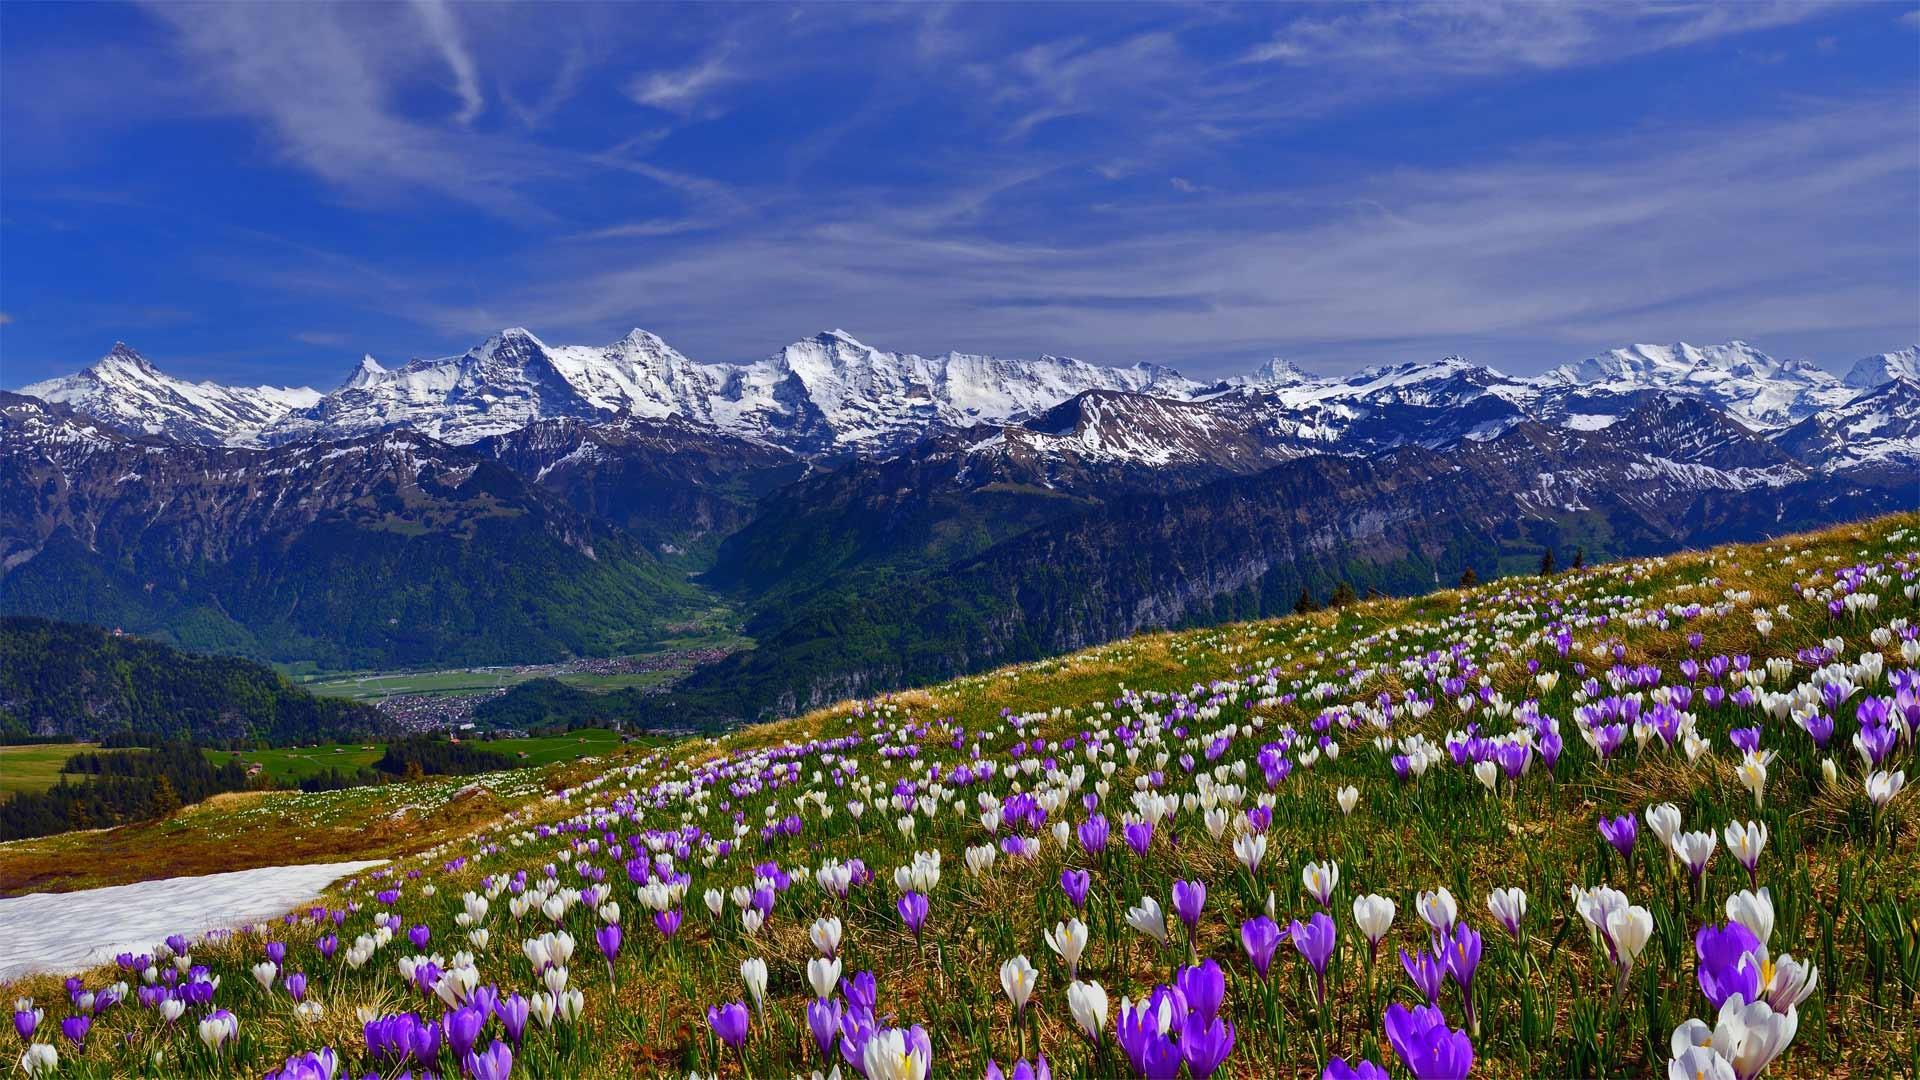 цветущие горы картинка русский народный